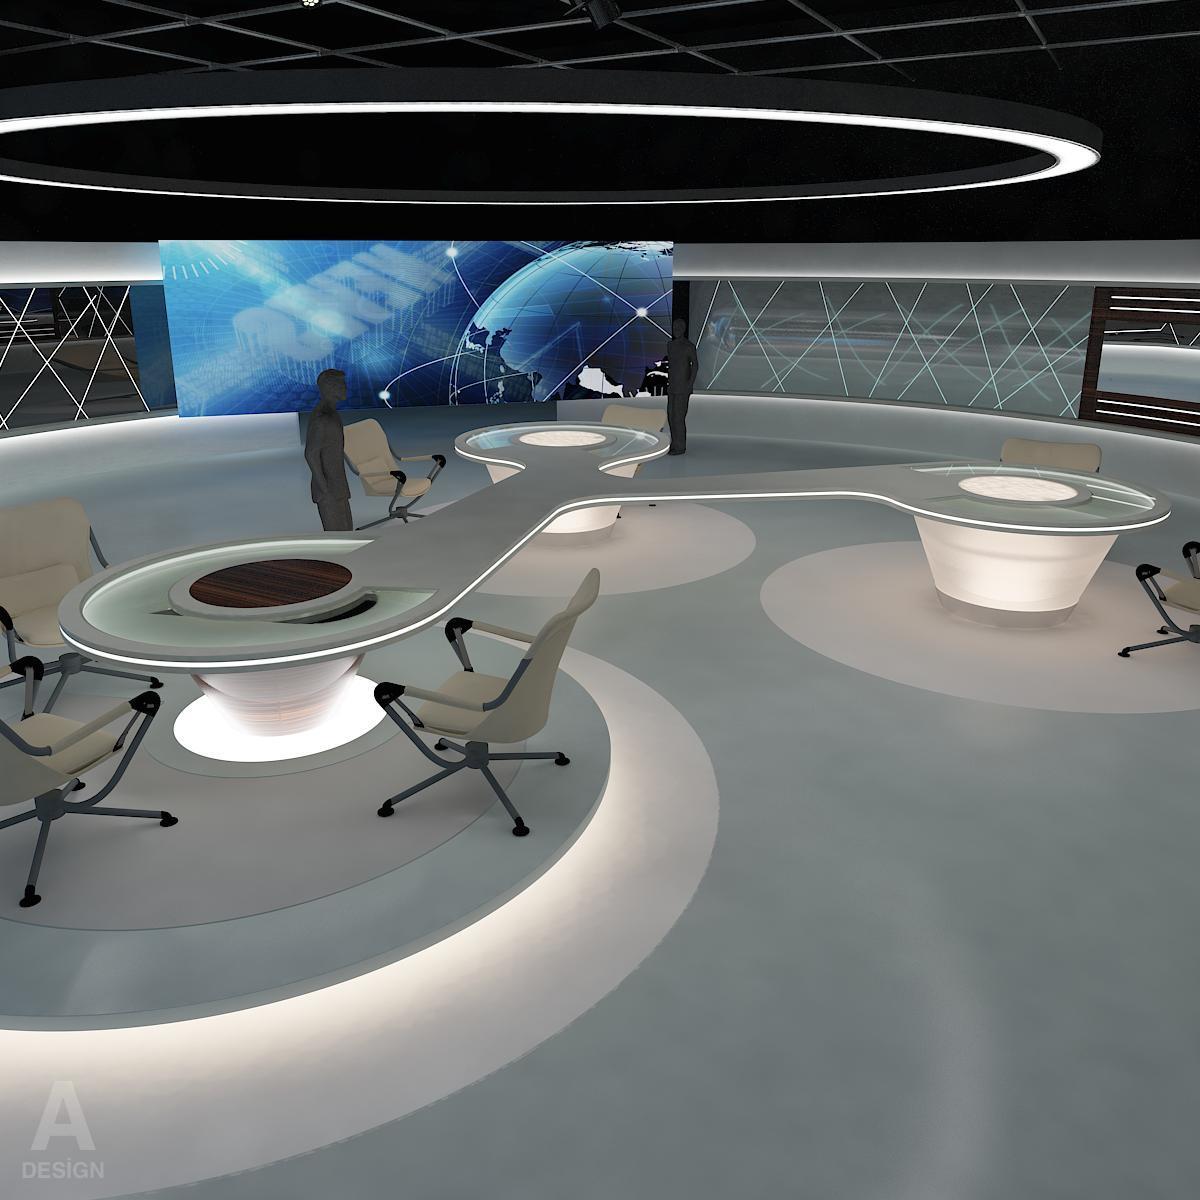 виртуал өргөн нэвтрүүлгийн телевизийн мэдээллийн студи 028 3d загвар max dxf fbx бүтэцтэй obj 215575